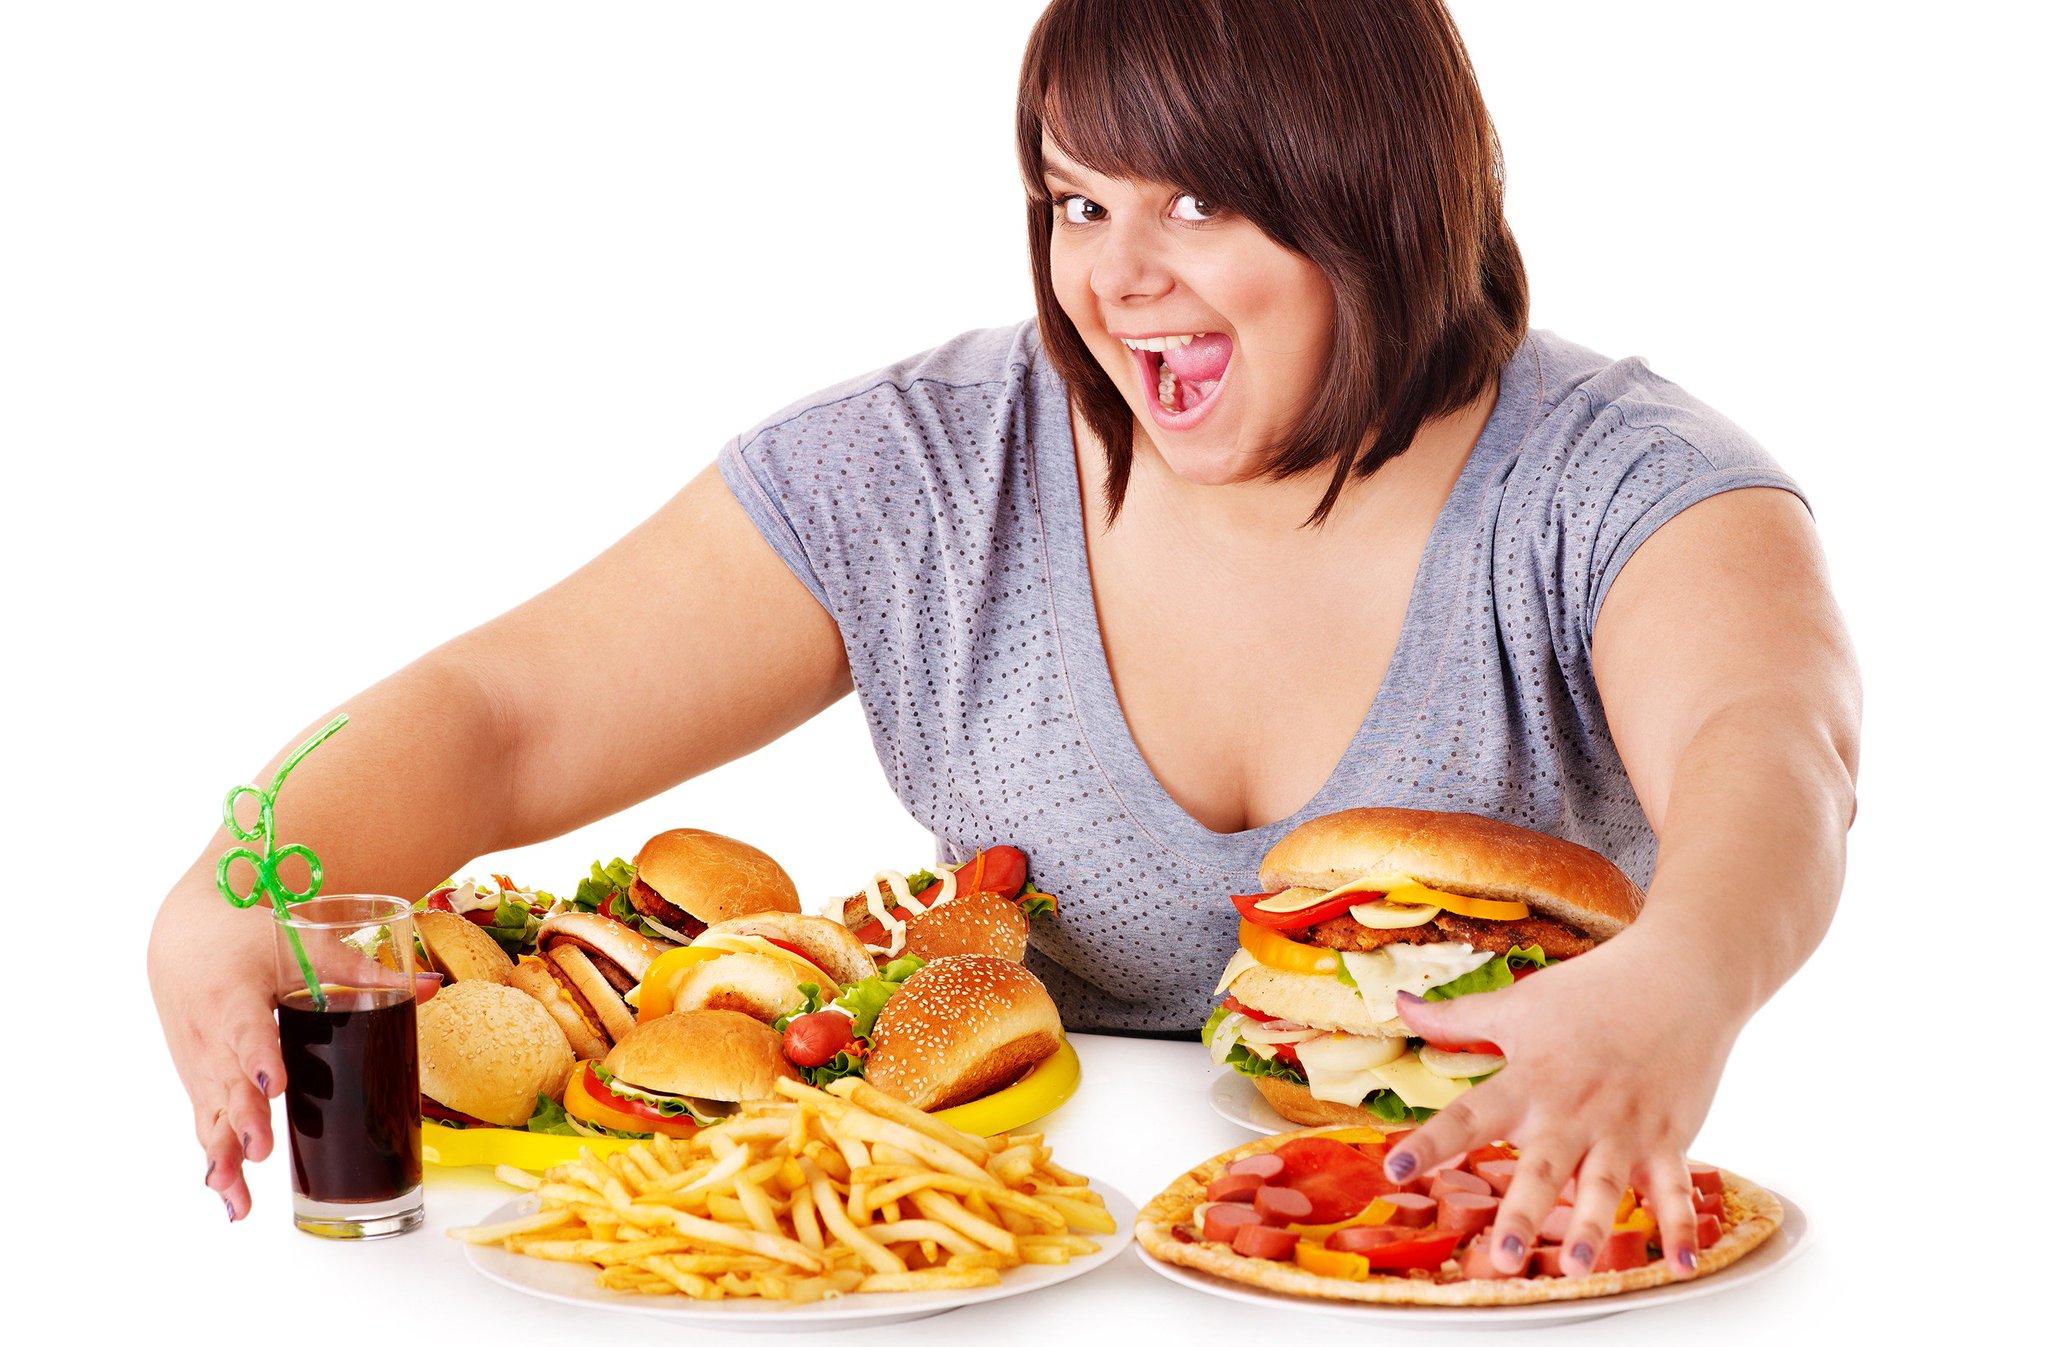 Как Похудеть Хочется Есть. Как похудеть если постоянно хочется есть: побеждаем чувство голода